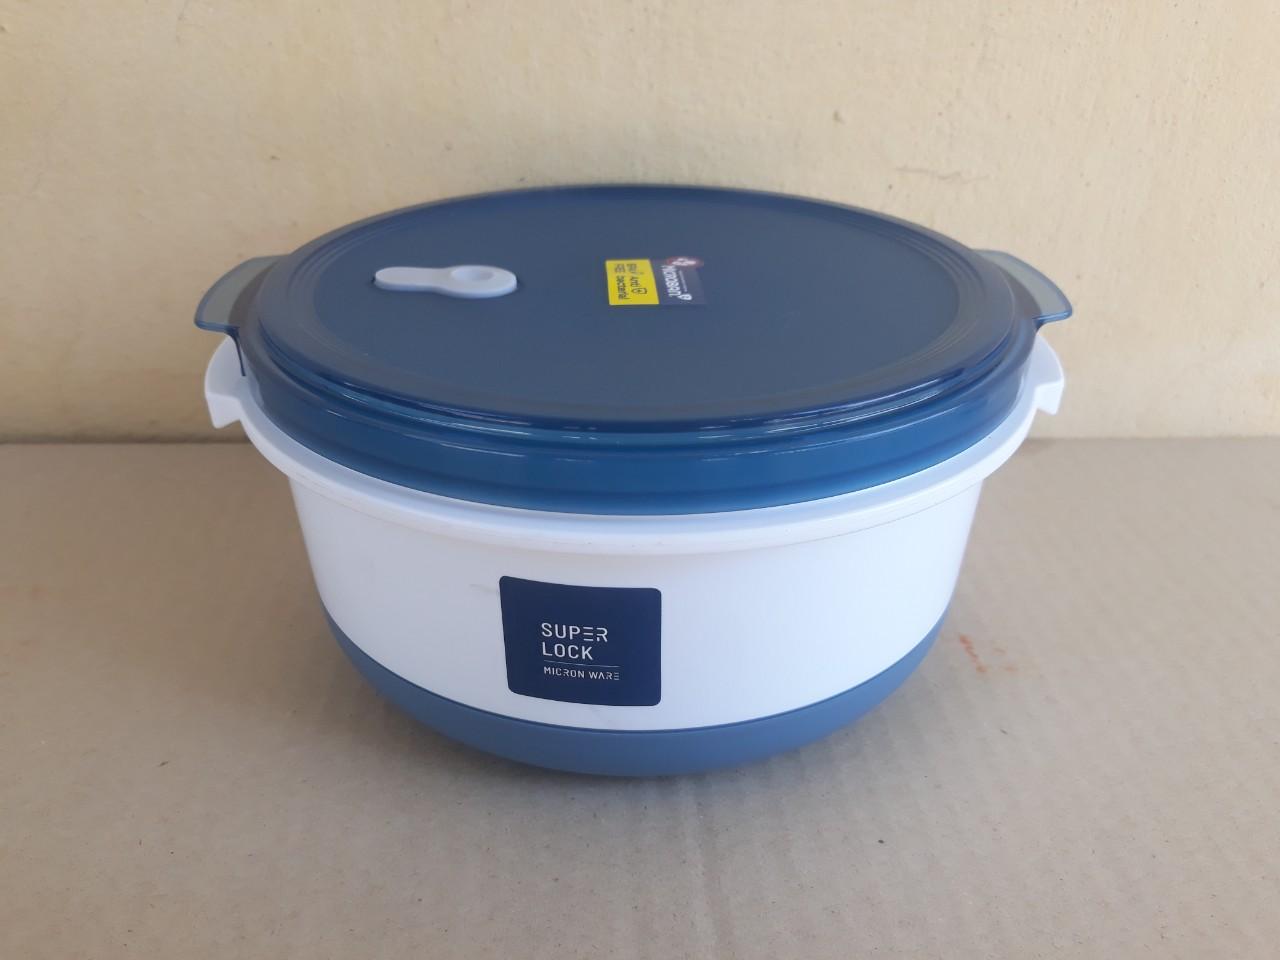 Bộ hâm, hấp thực phẩm trong lò vi sóng (20x9.7cm), Mã số: 6037